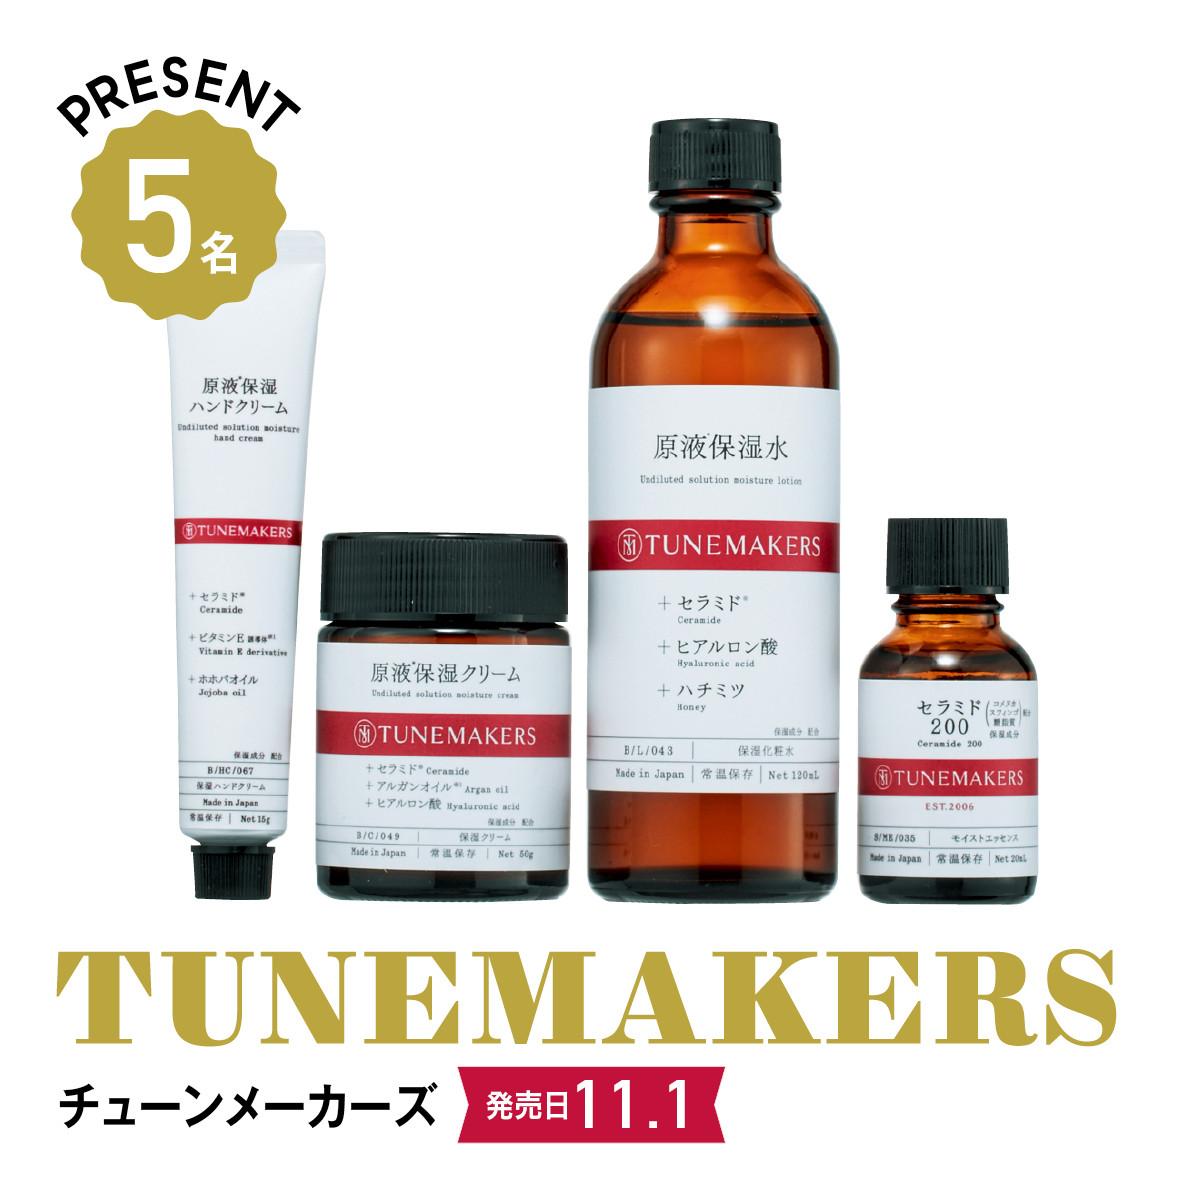 2019クリスマスコフレ&限定品:TUNEMAKERS/チューンメーカーズ